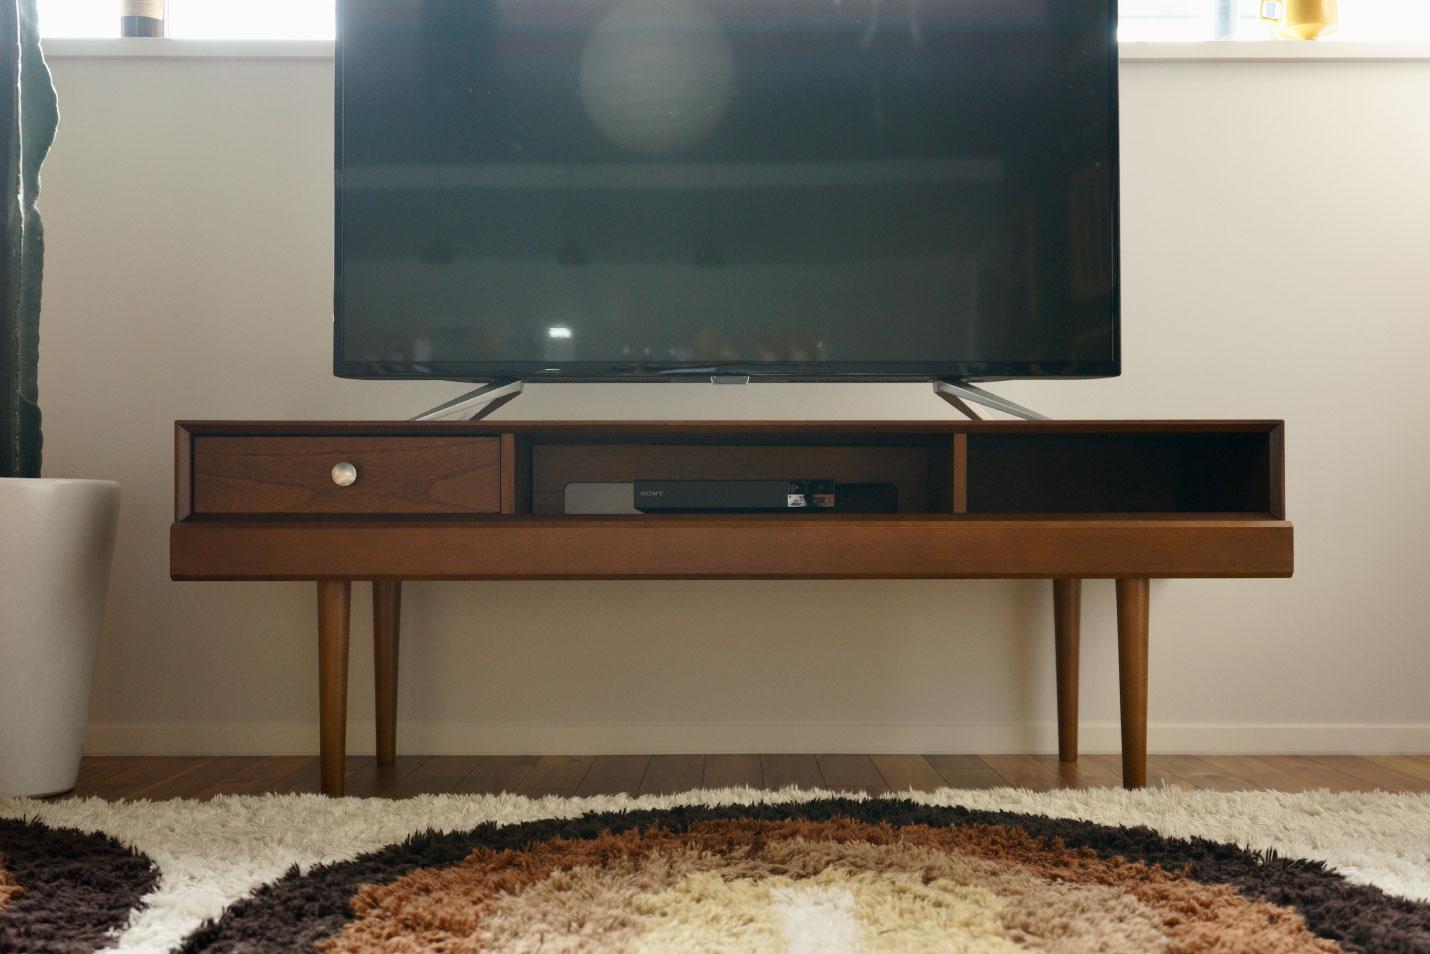 826STANDARD UNIT(826スタンダード ユニット)テレビボードとカリモク60 Kチェア